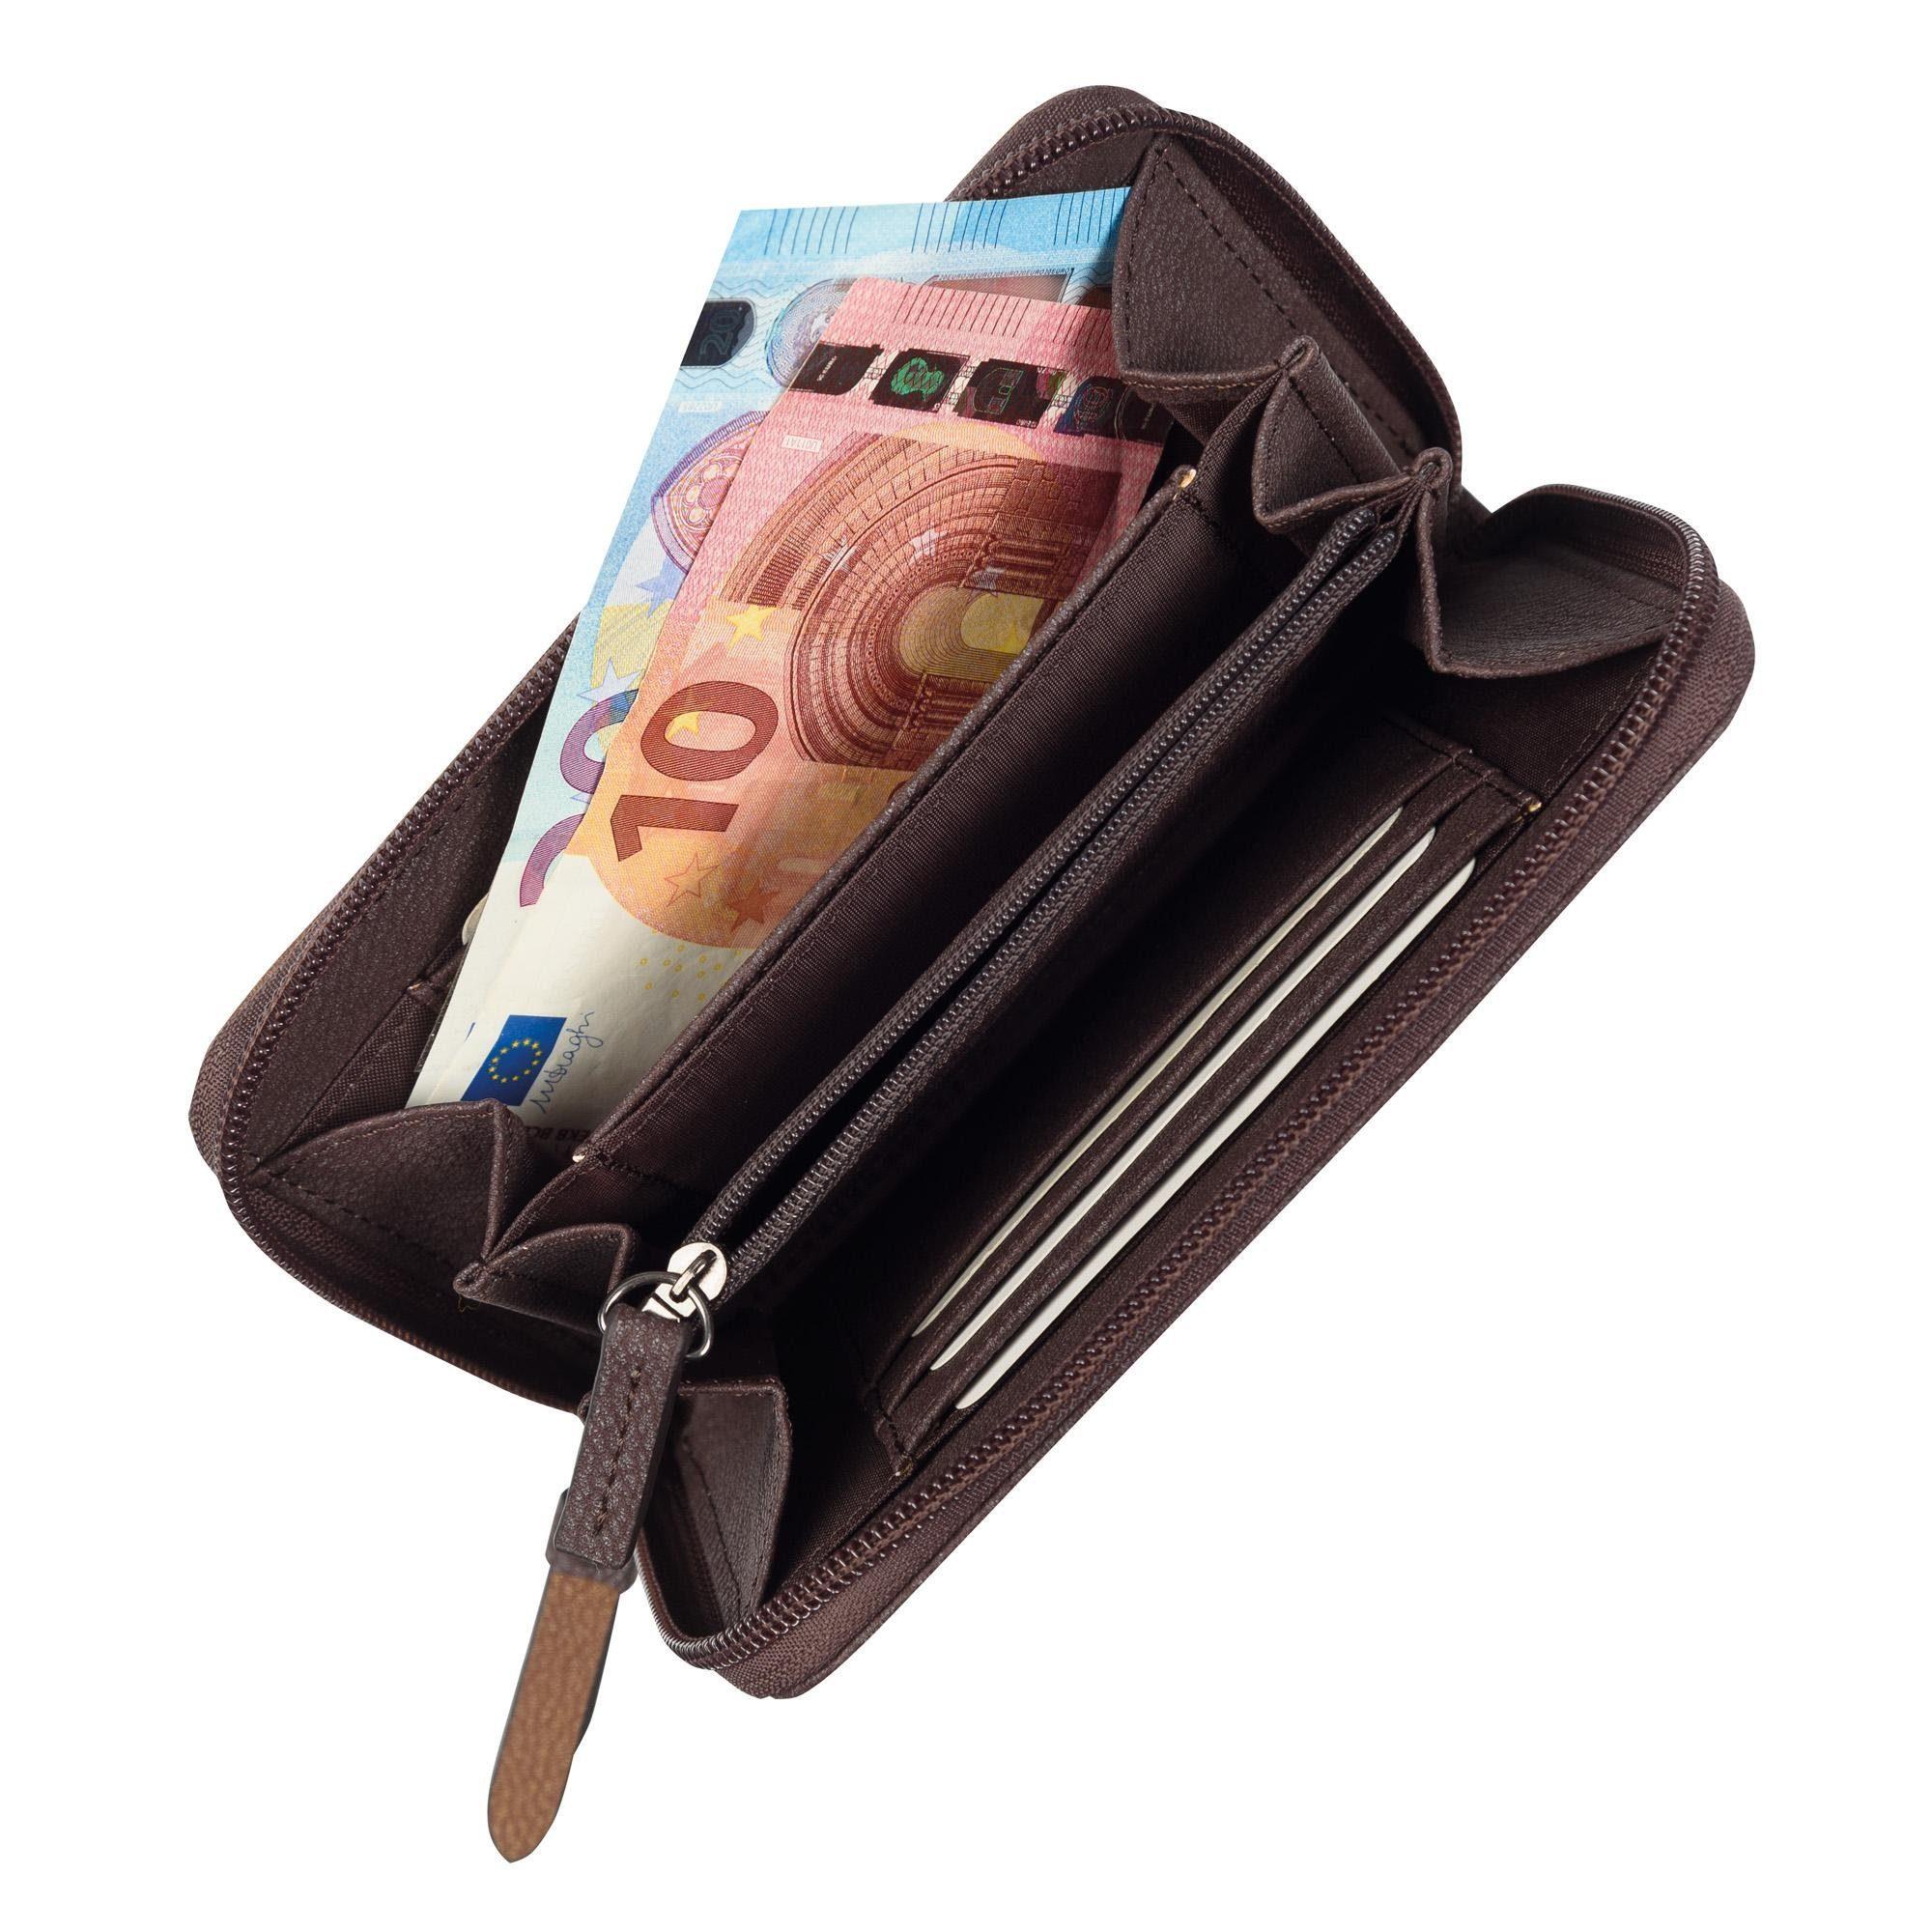 Geldbörse Kaufen Stripes«In Trendiger Tom Farbkombi »miri Online Tailor dQrsht